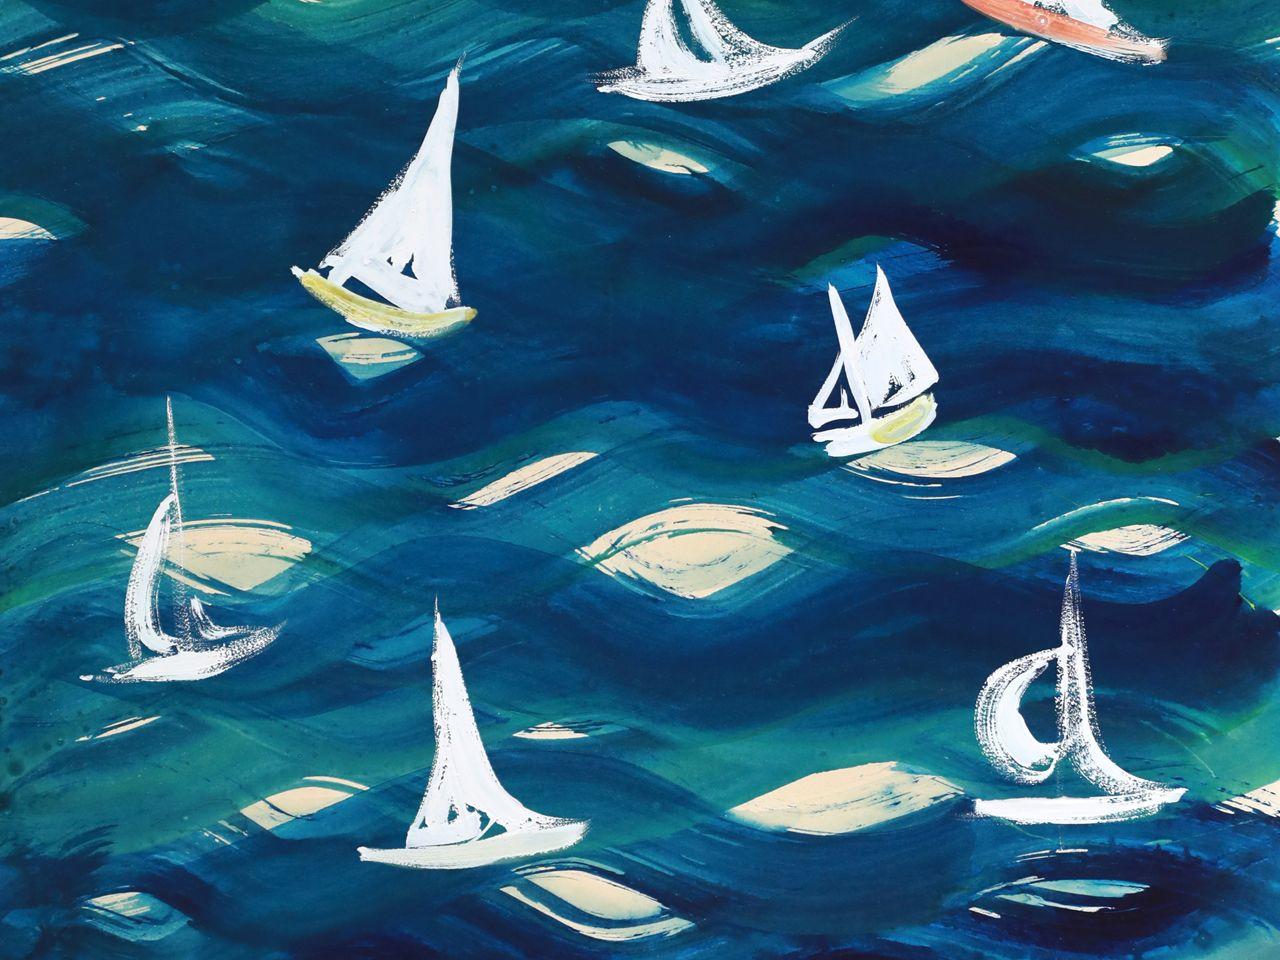 Auf Wellen tanzende Segelboote. Musterentwurf